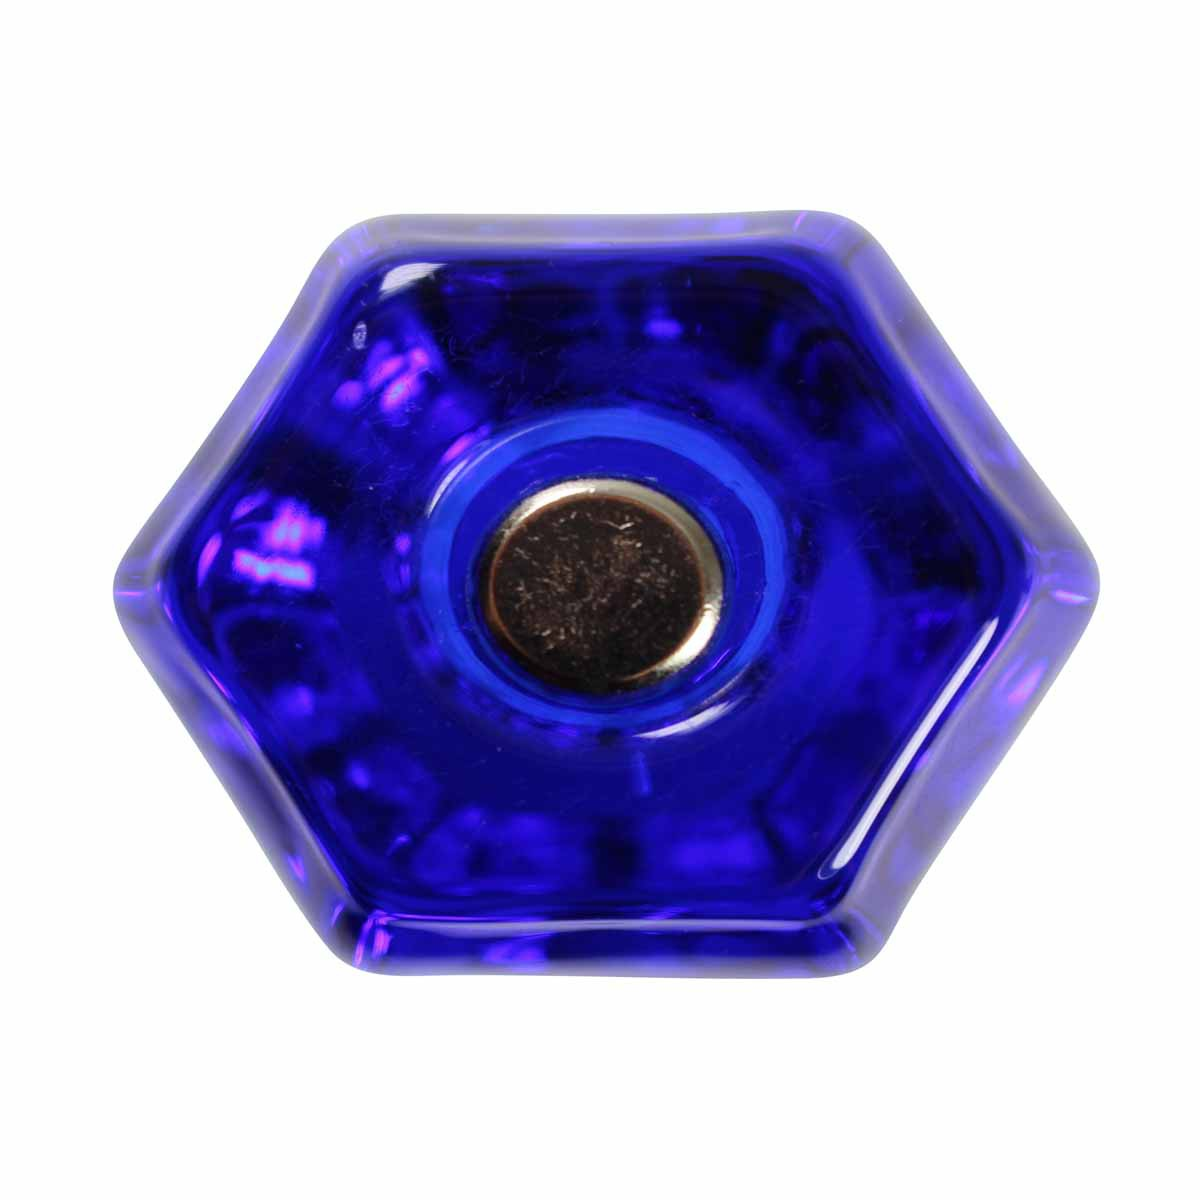 Cabinet Knob Blue Glass 1 14 Dia W Chrome Screw Cabinet Hardware Cabinet Knobs Cabinet Knob